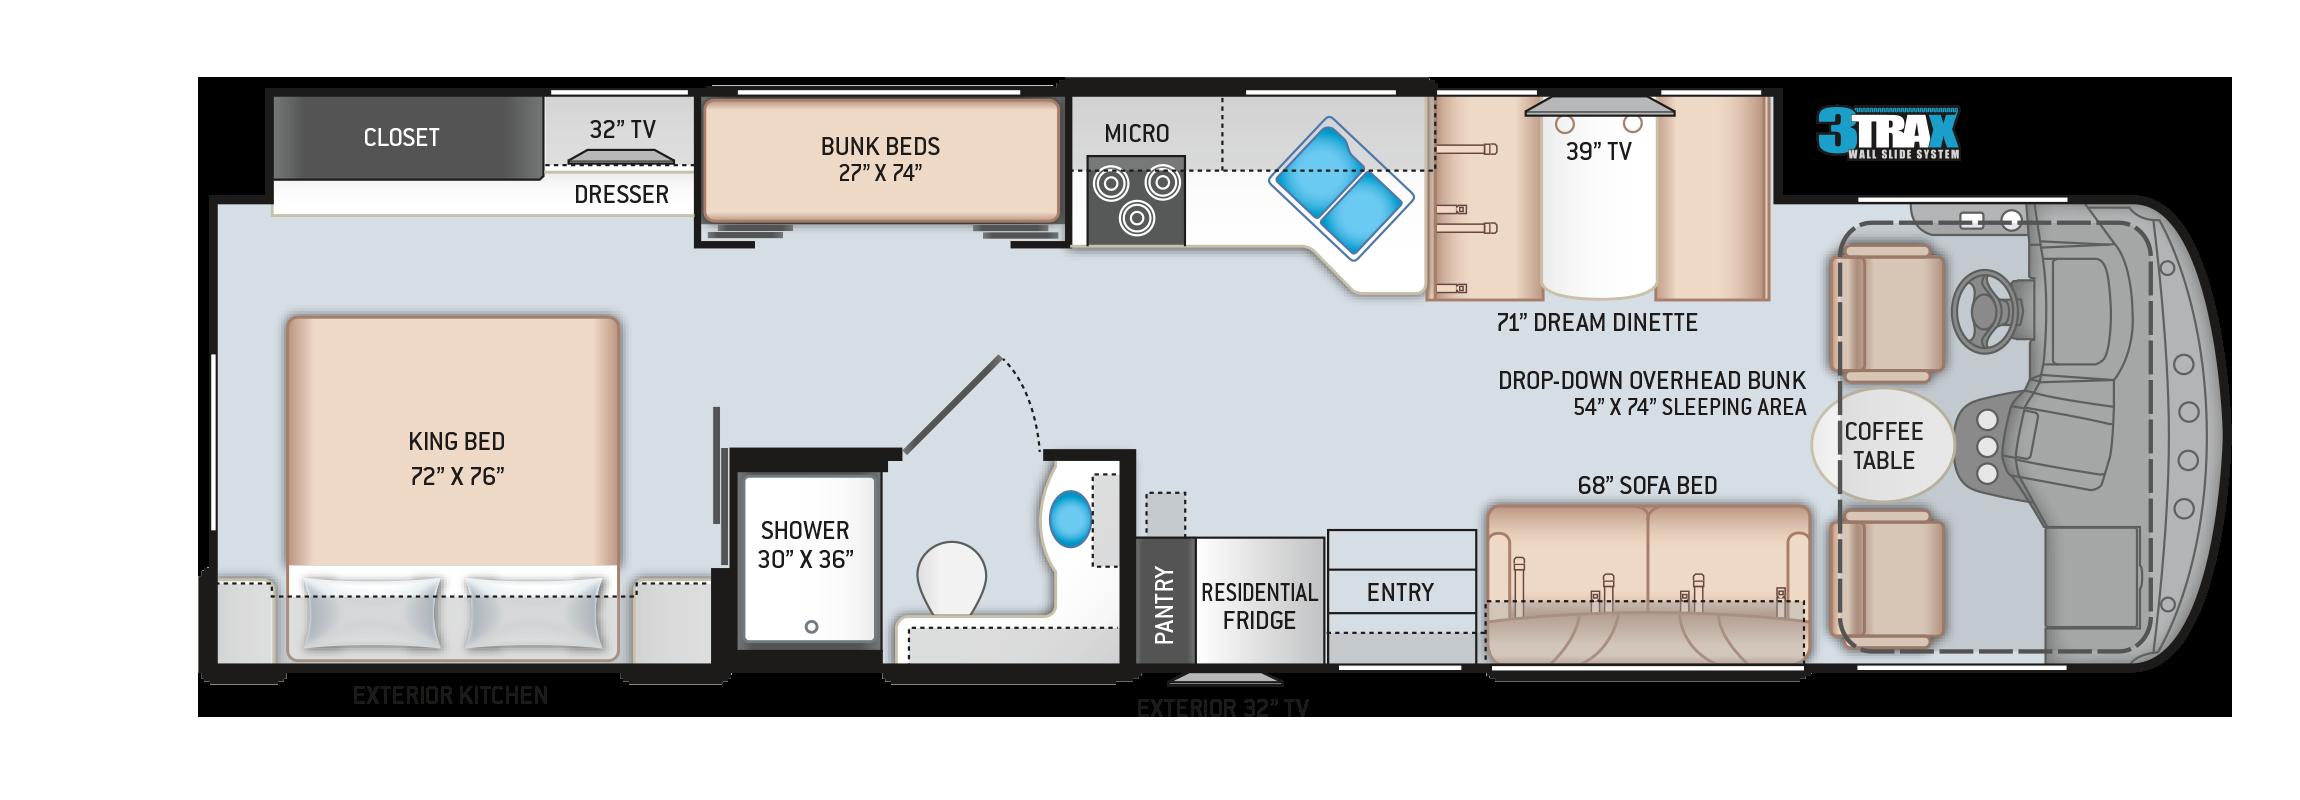 Windsport Class A Motorhome Floor Plan 34J